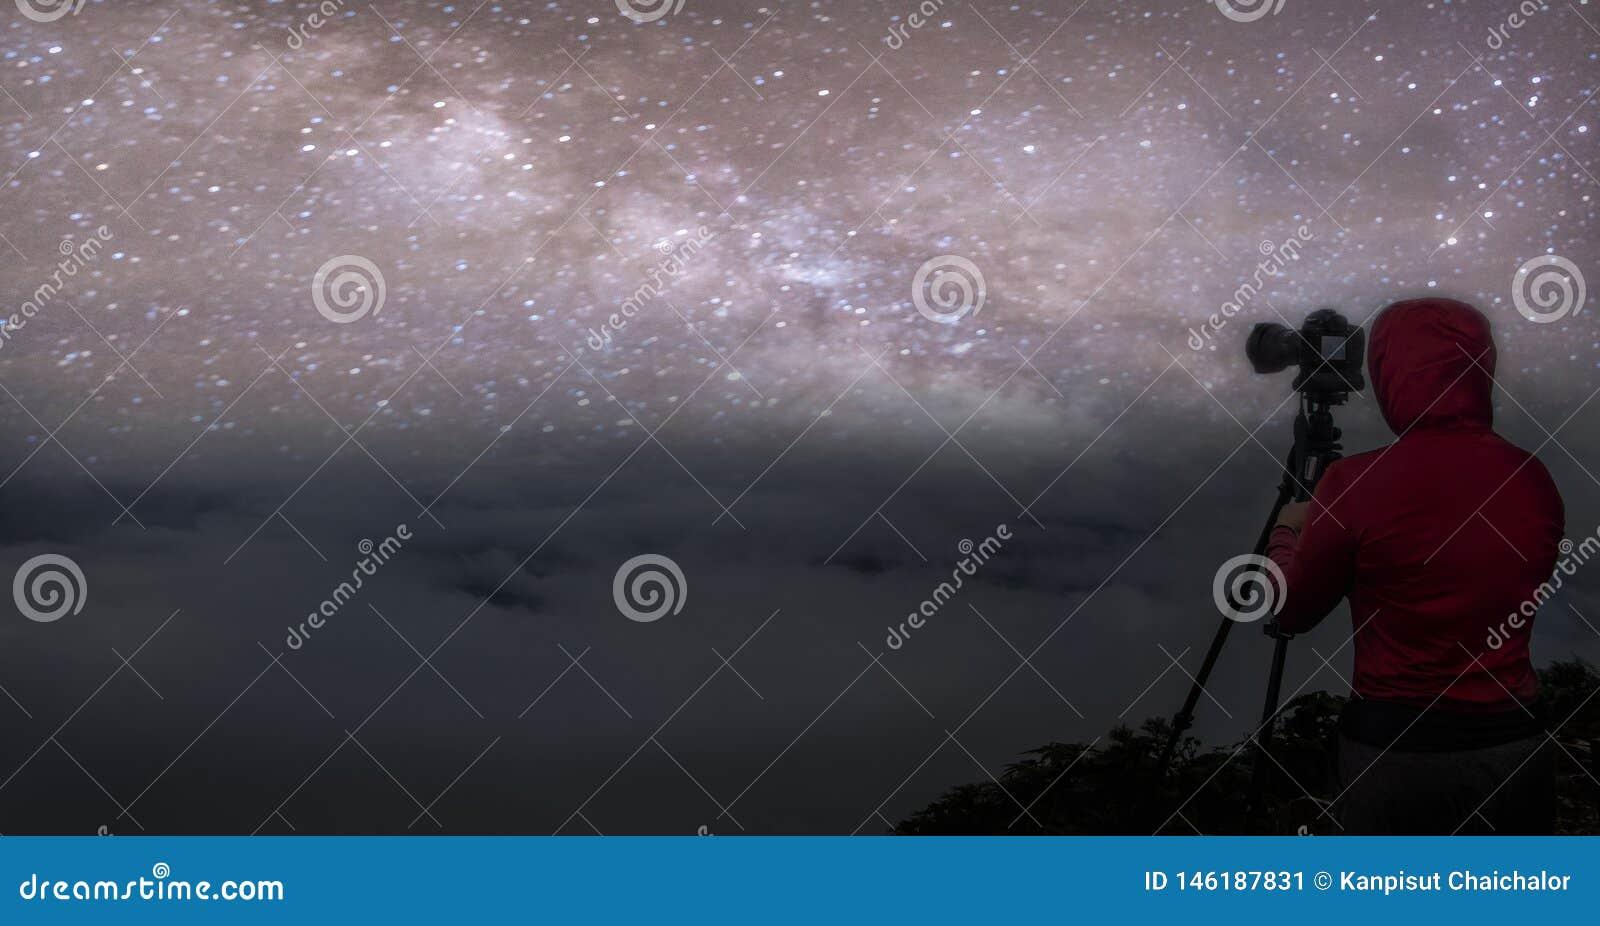 Panoramy Kolorowy nocne niebo z gwiazdami i sylwetką trwanie mężczyzna na kamieniu B??kitny milky spos?b z m??czyzna na g?rze